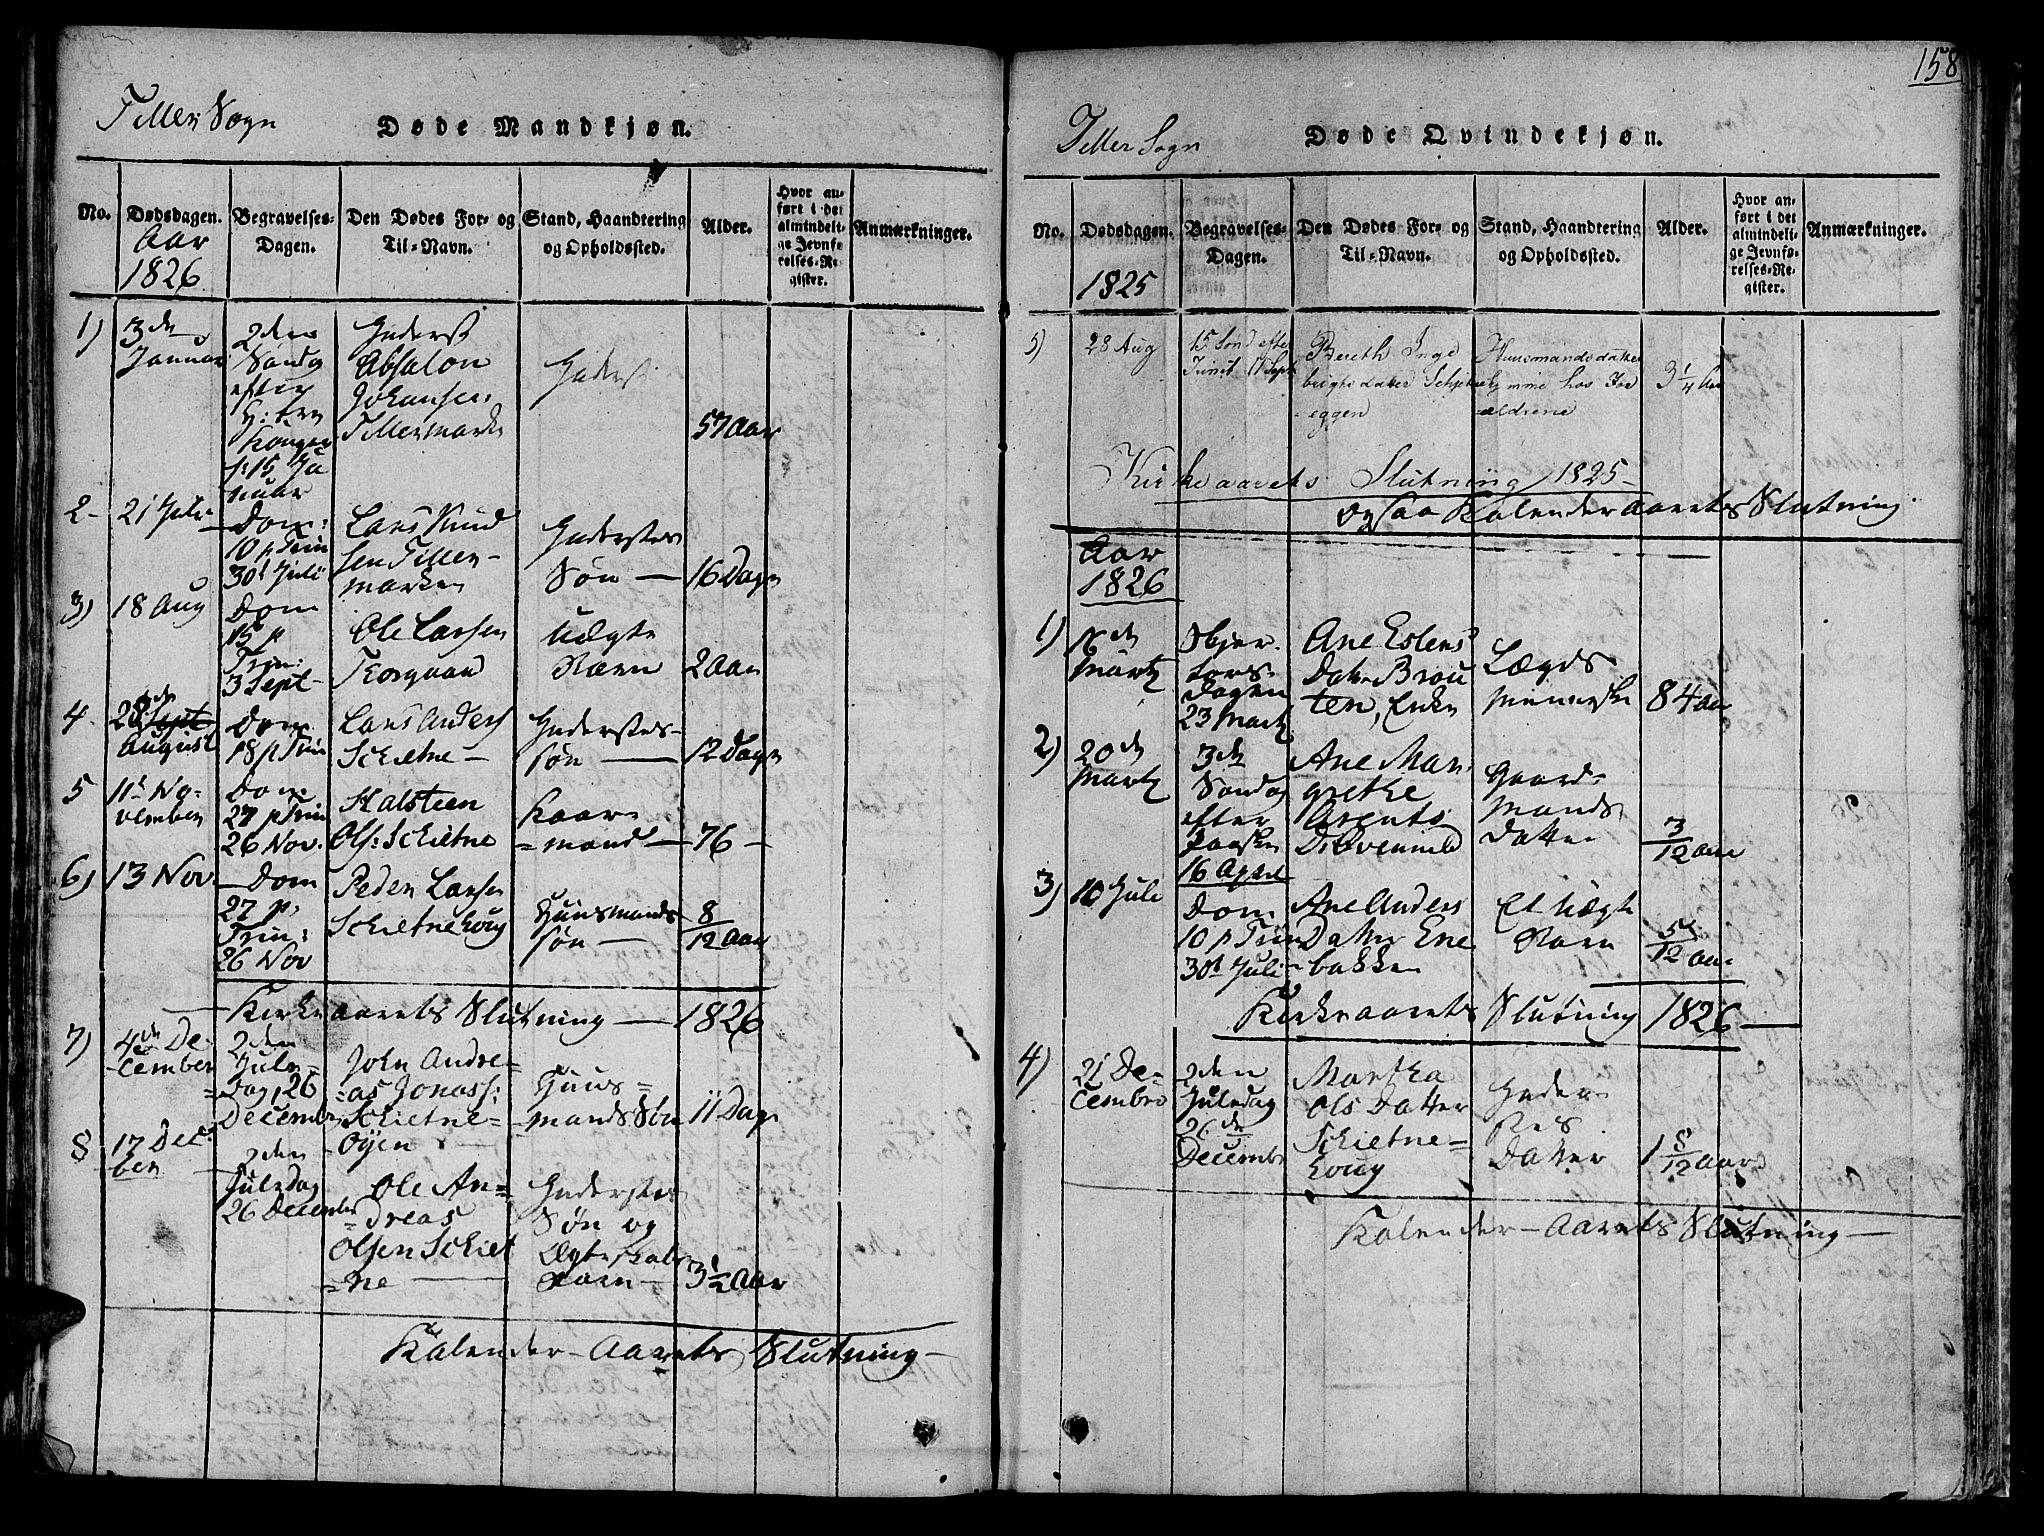 SAT, Ministerialprotokoller, klokkerbøker og fødselsregistre - Sør-Trøndelag, 618/L0440: Ministerialbok nr. 618A04 /2, 1816-1843, s. 158